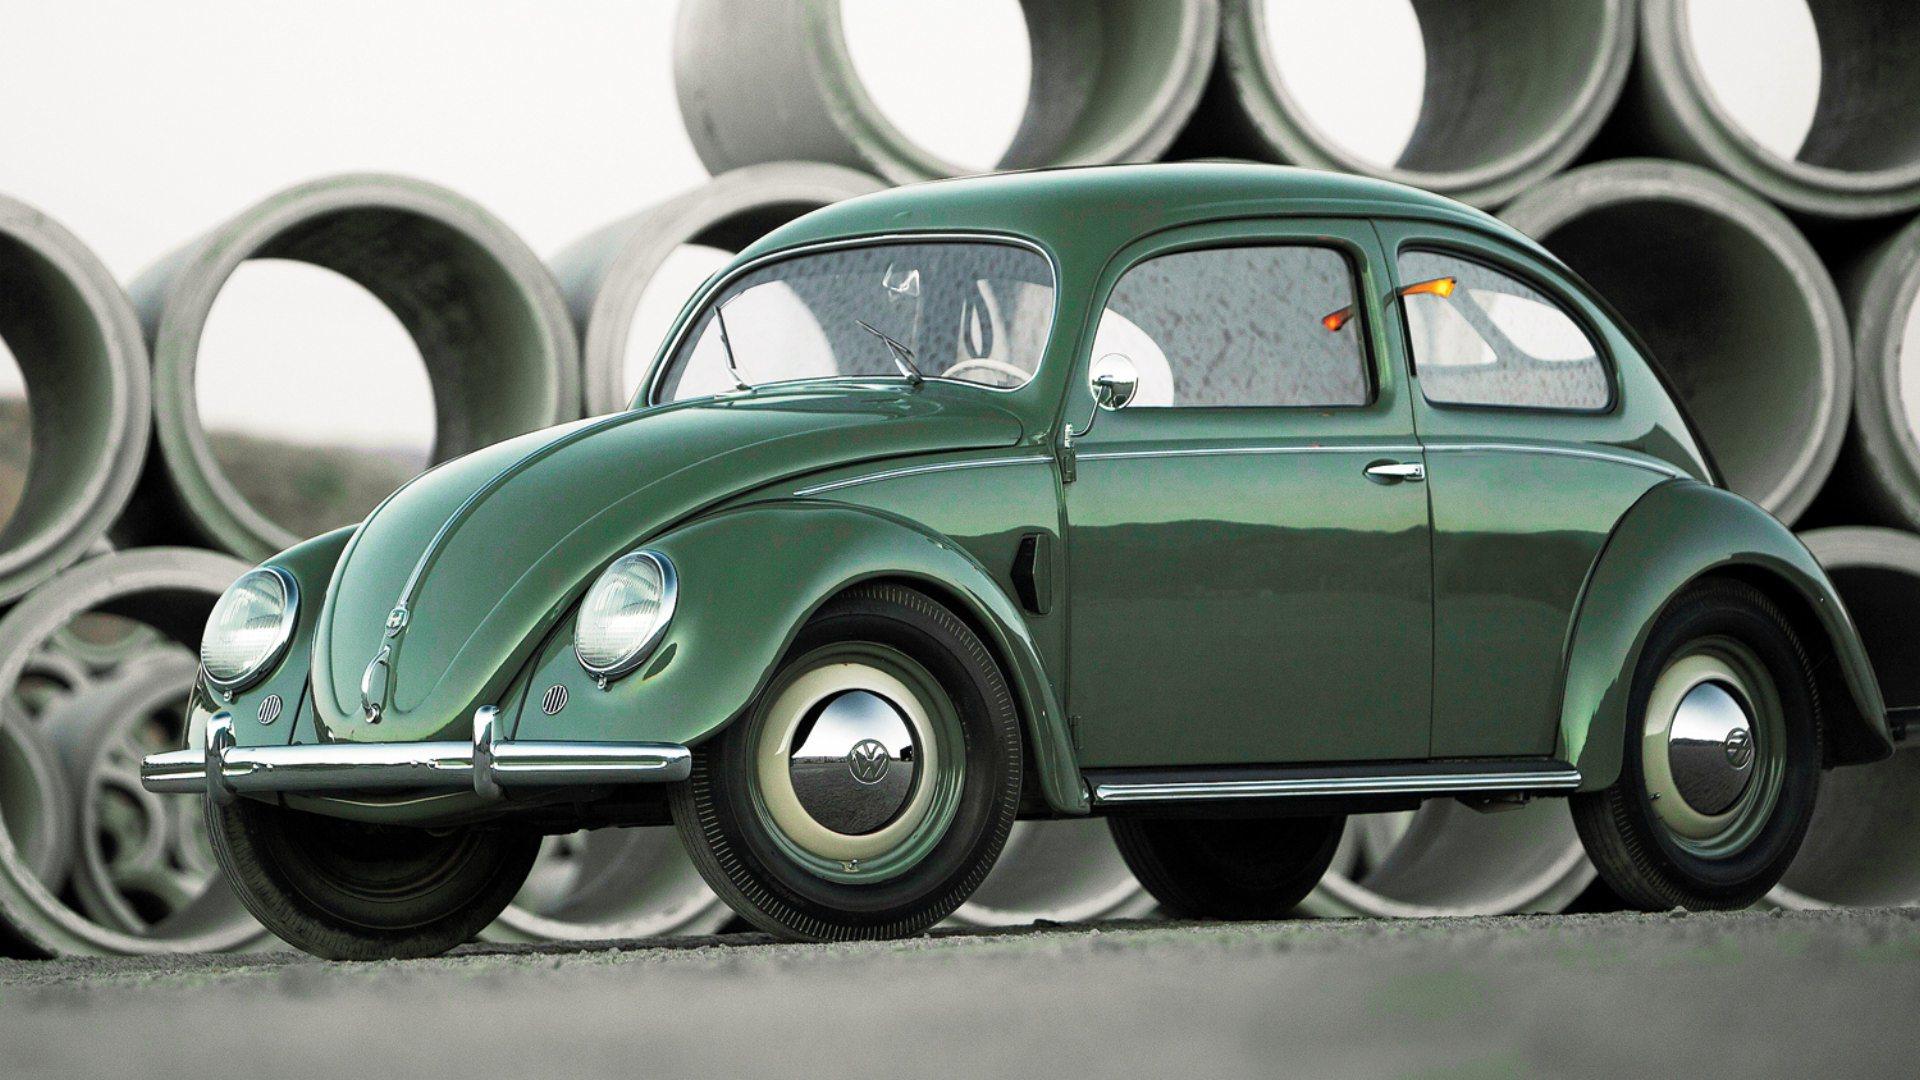 Volkswagen beetle classic hd wallpapers Volkswagen beetle classic hd 1920x1080